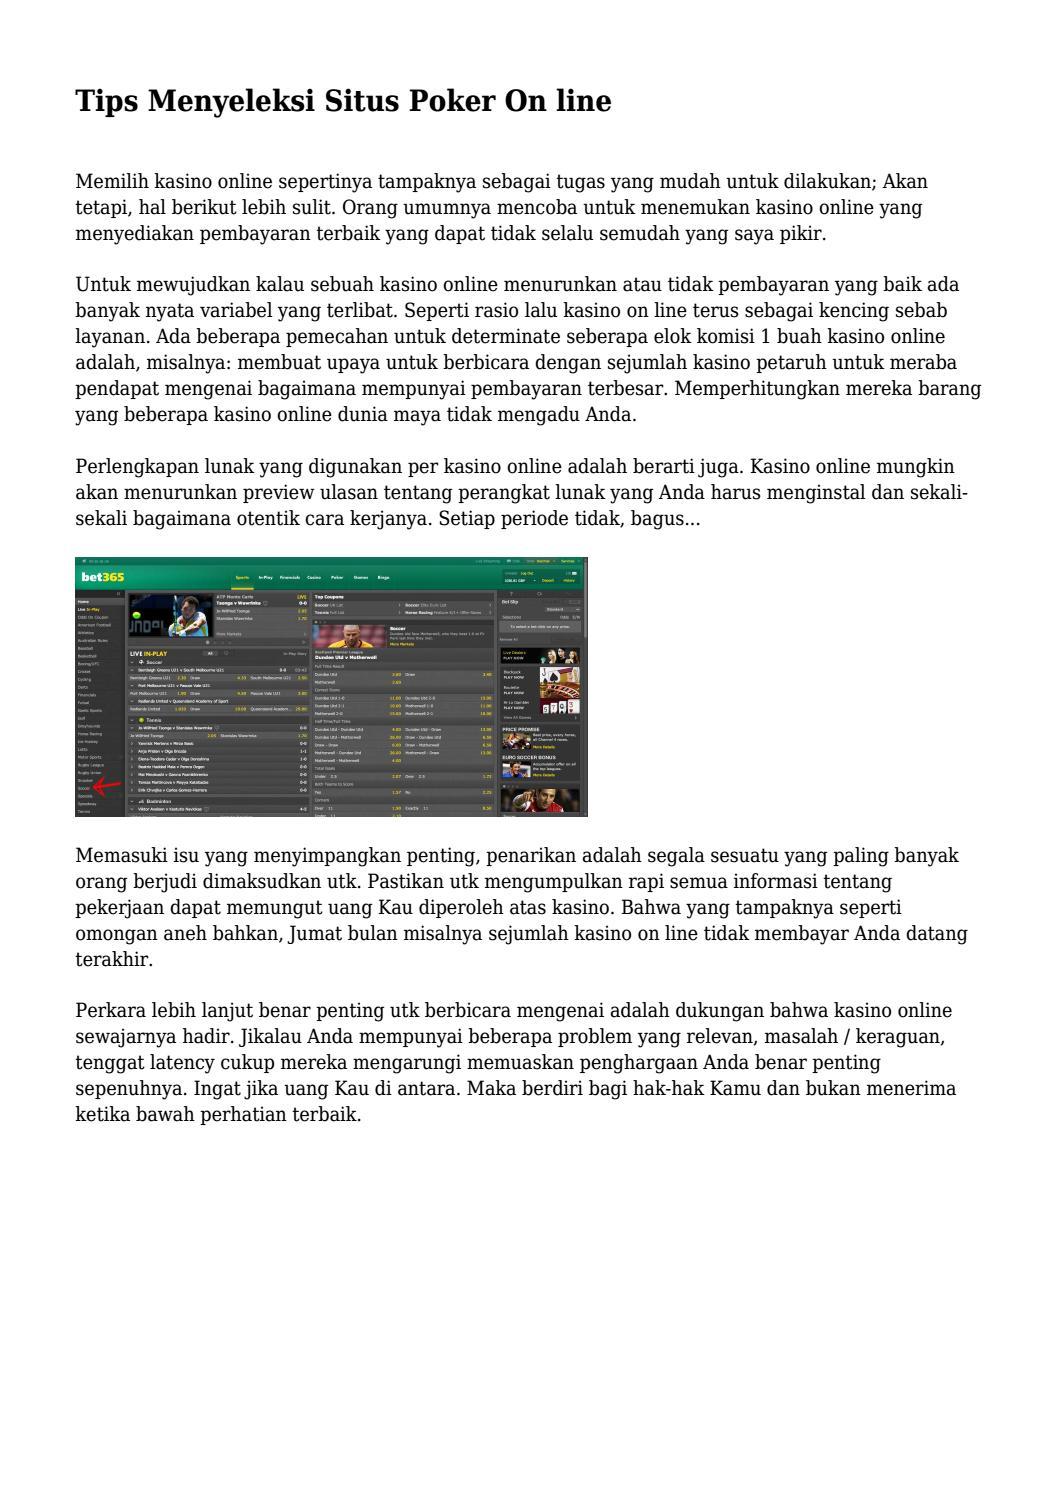 ulasan tentang kasino grand dalam talian